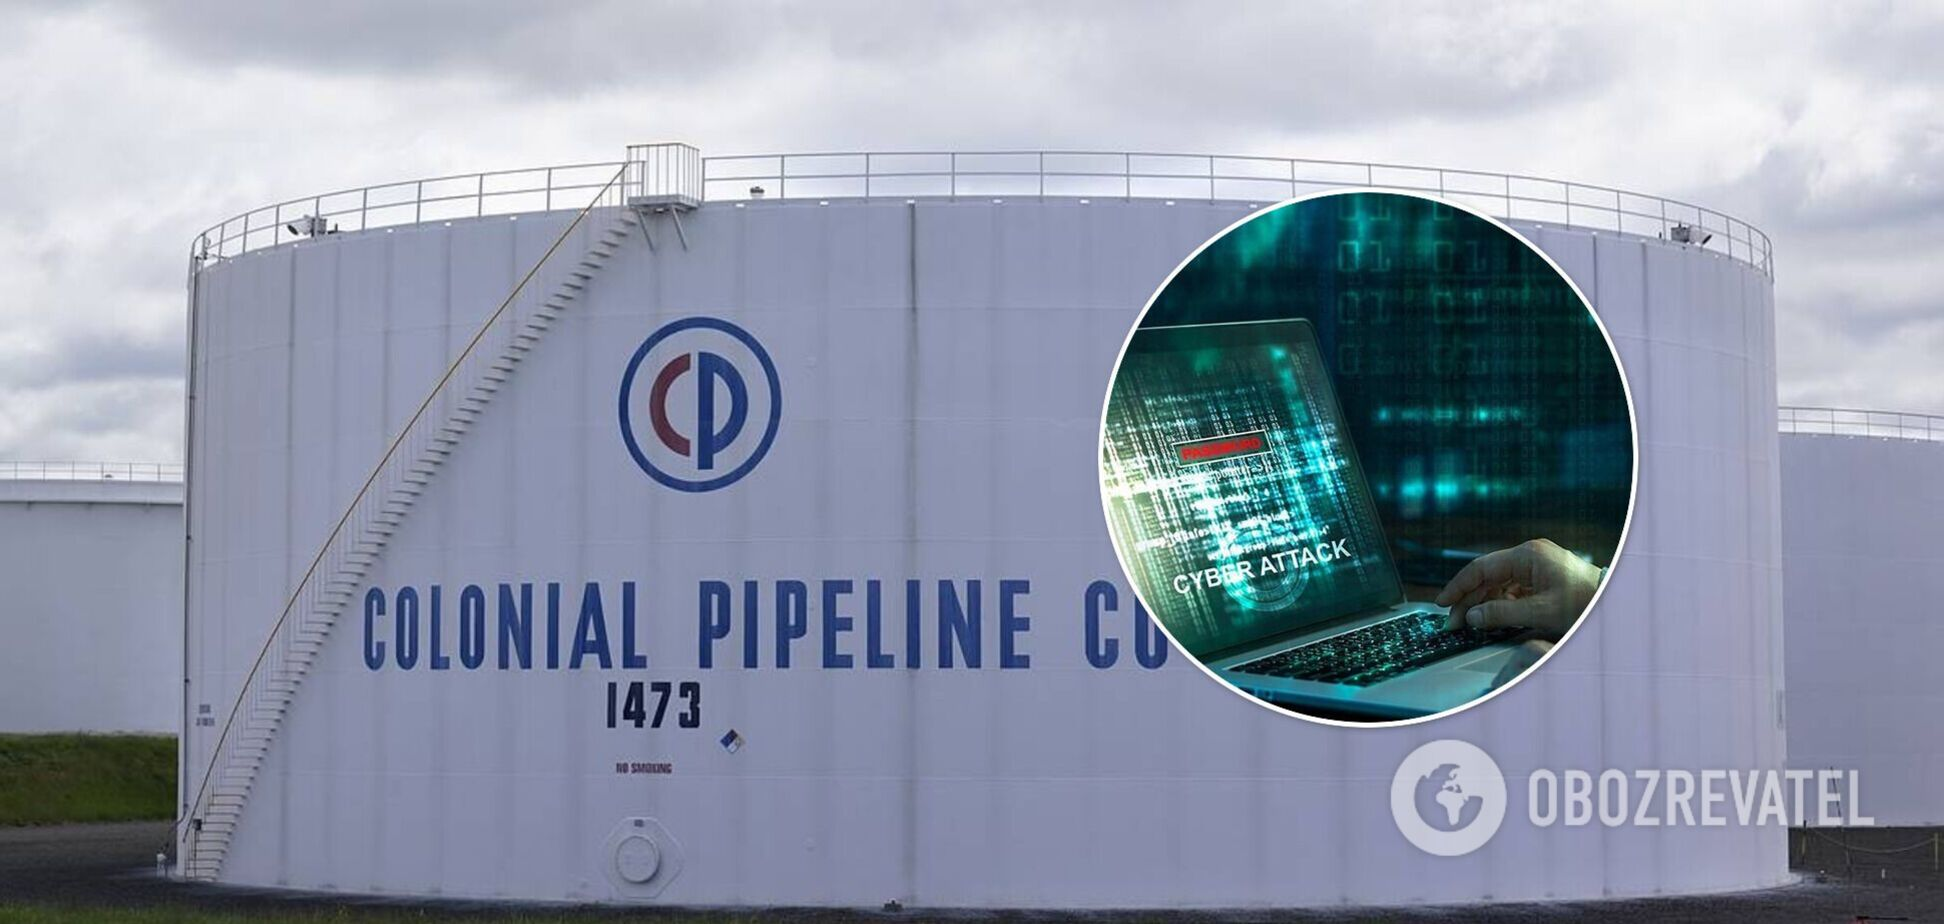 Стало відомо, коли трубопровід Colonial Pipeline запрацює після кібератаки в США